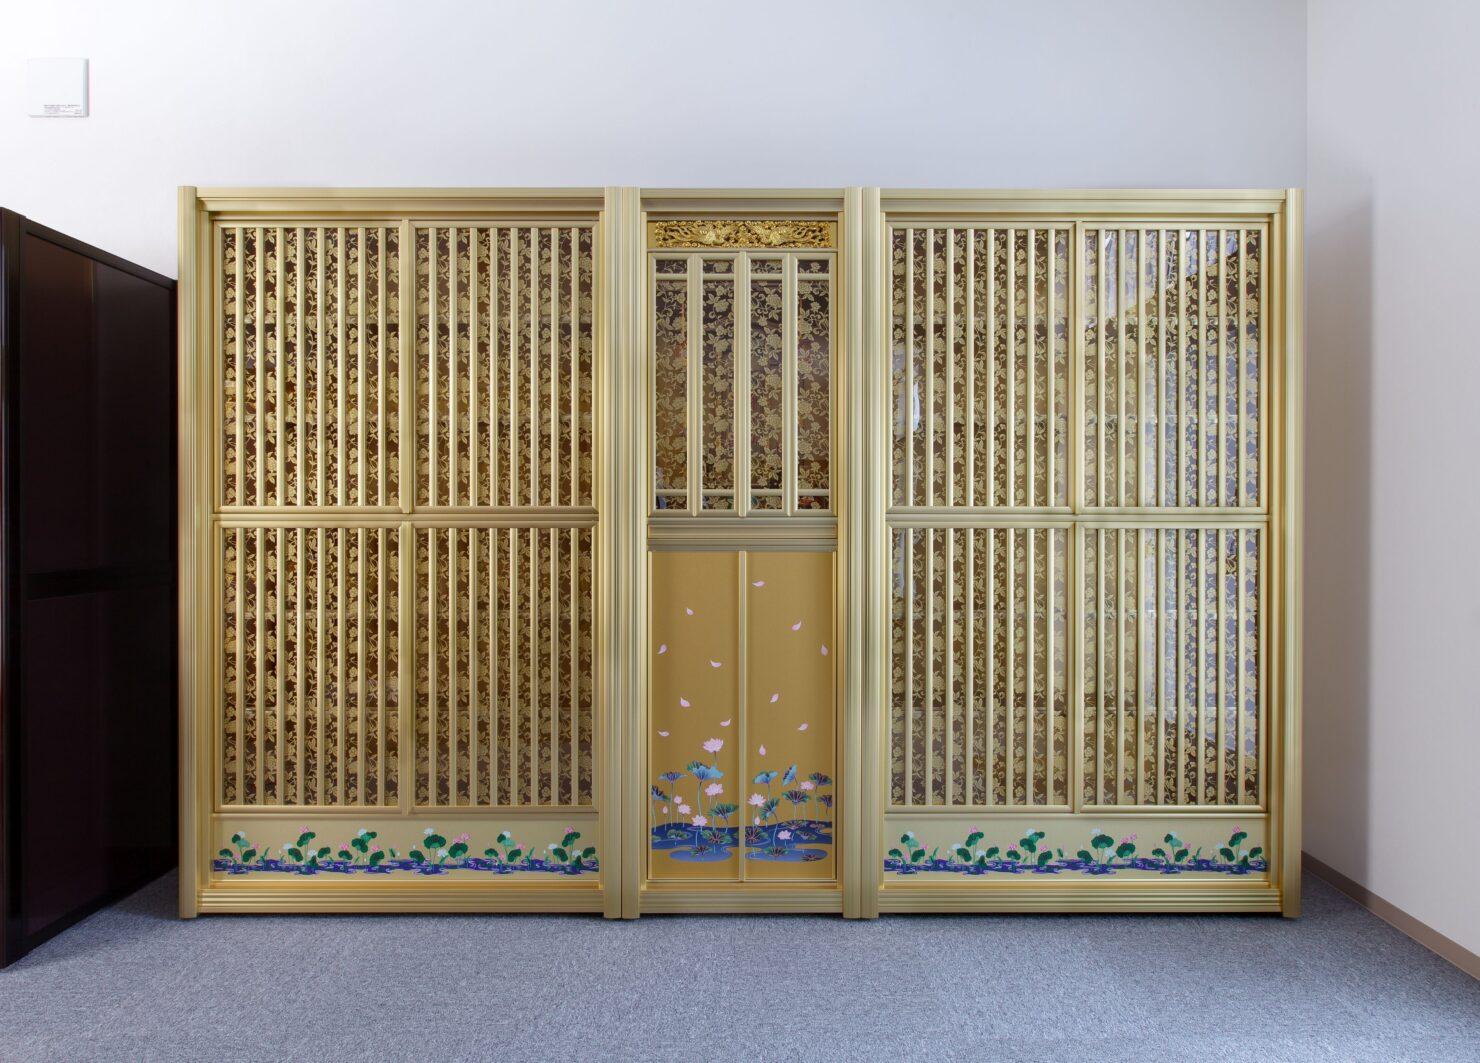 大安寺様 納骨壇2